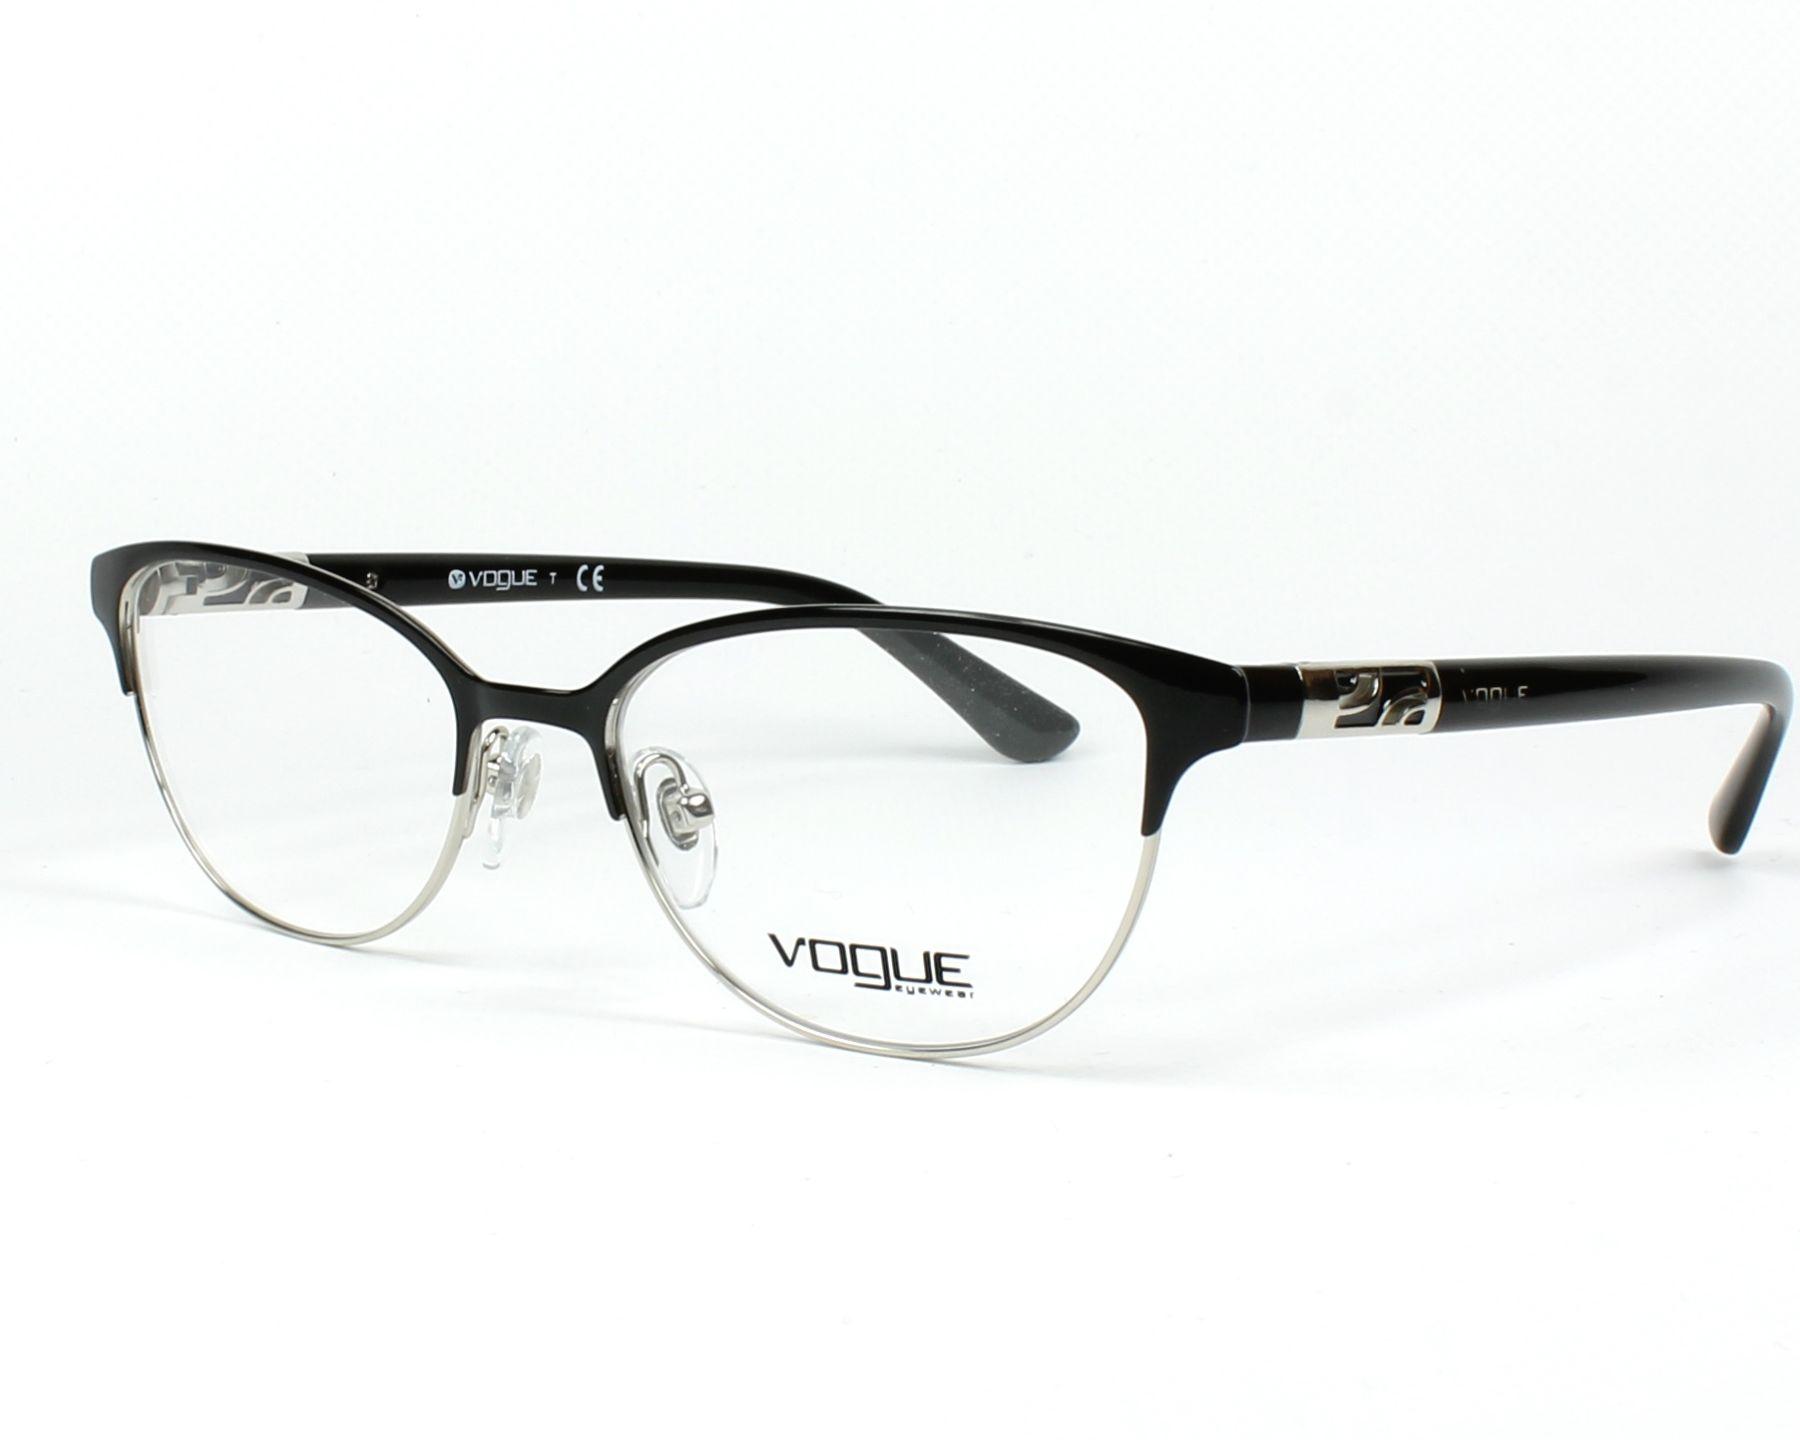 9545569a1b6 Brillen Vogue VO-4066 352 51-17 schwarz Profilansicht